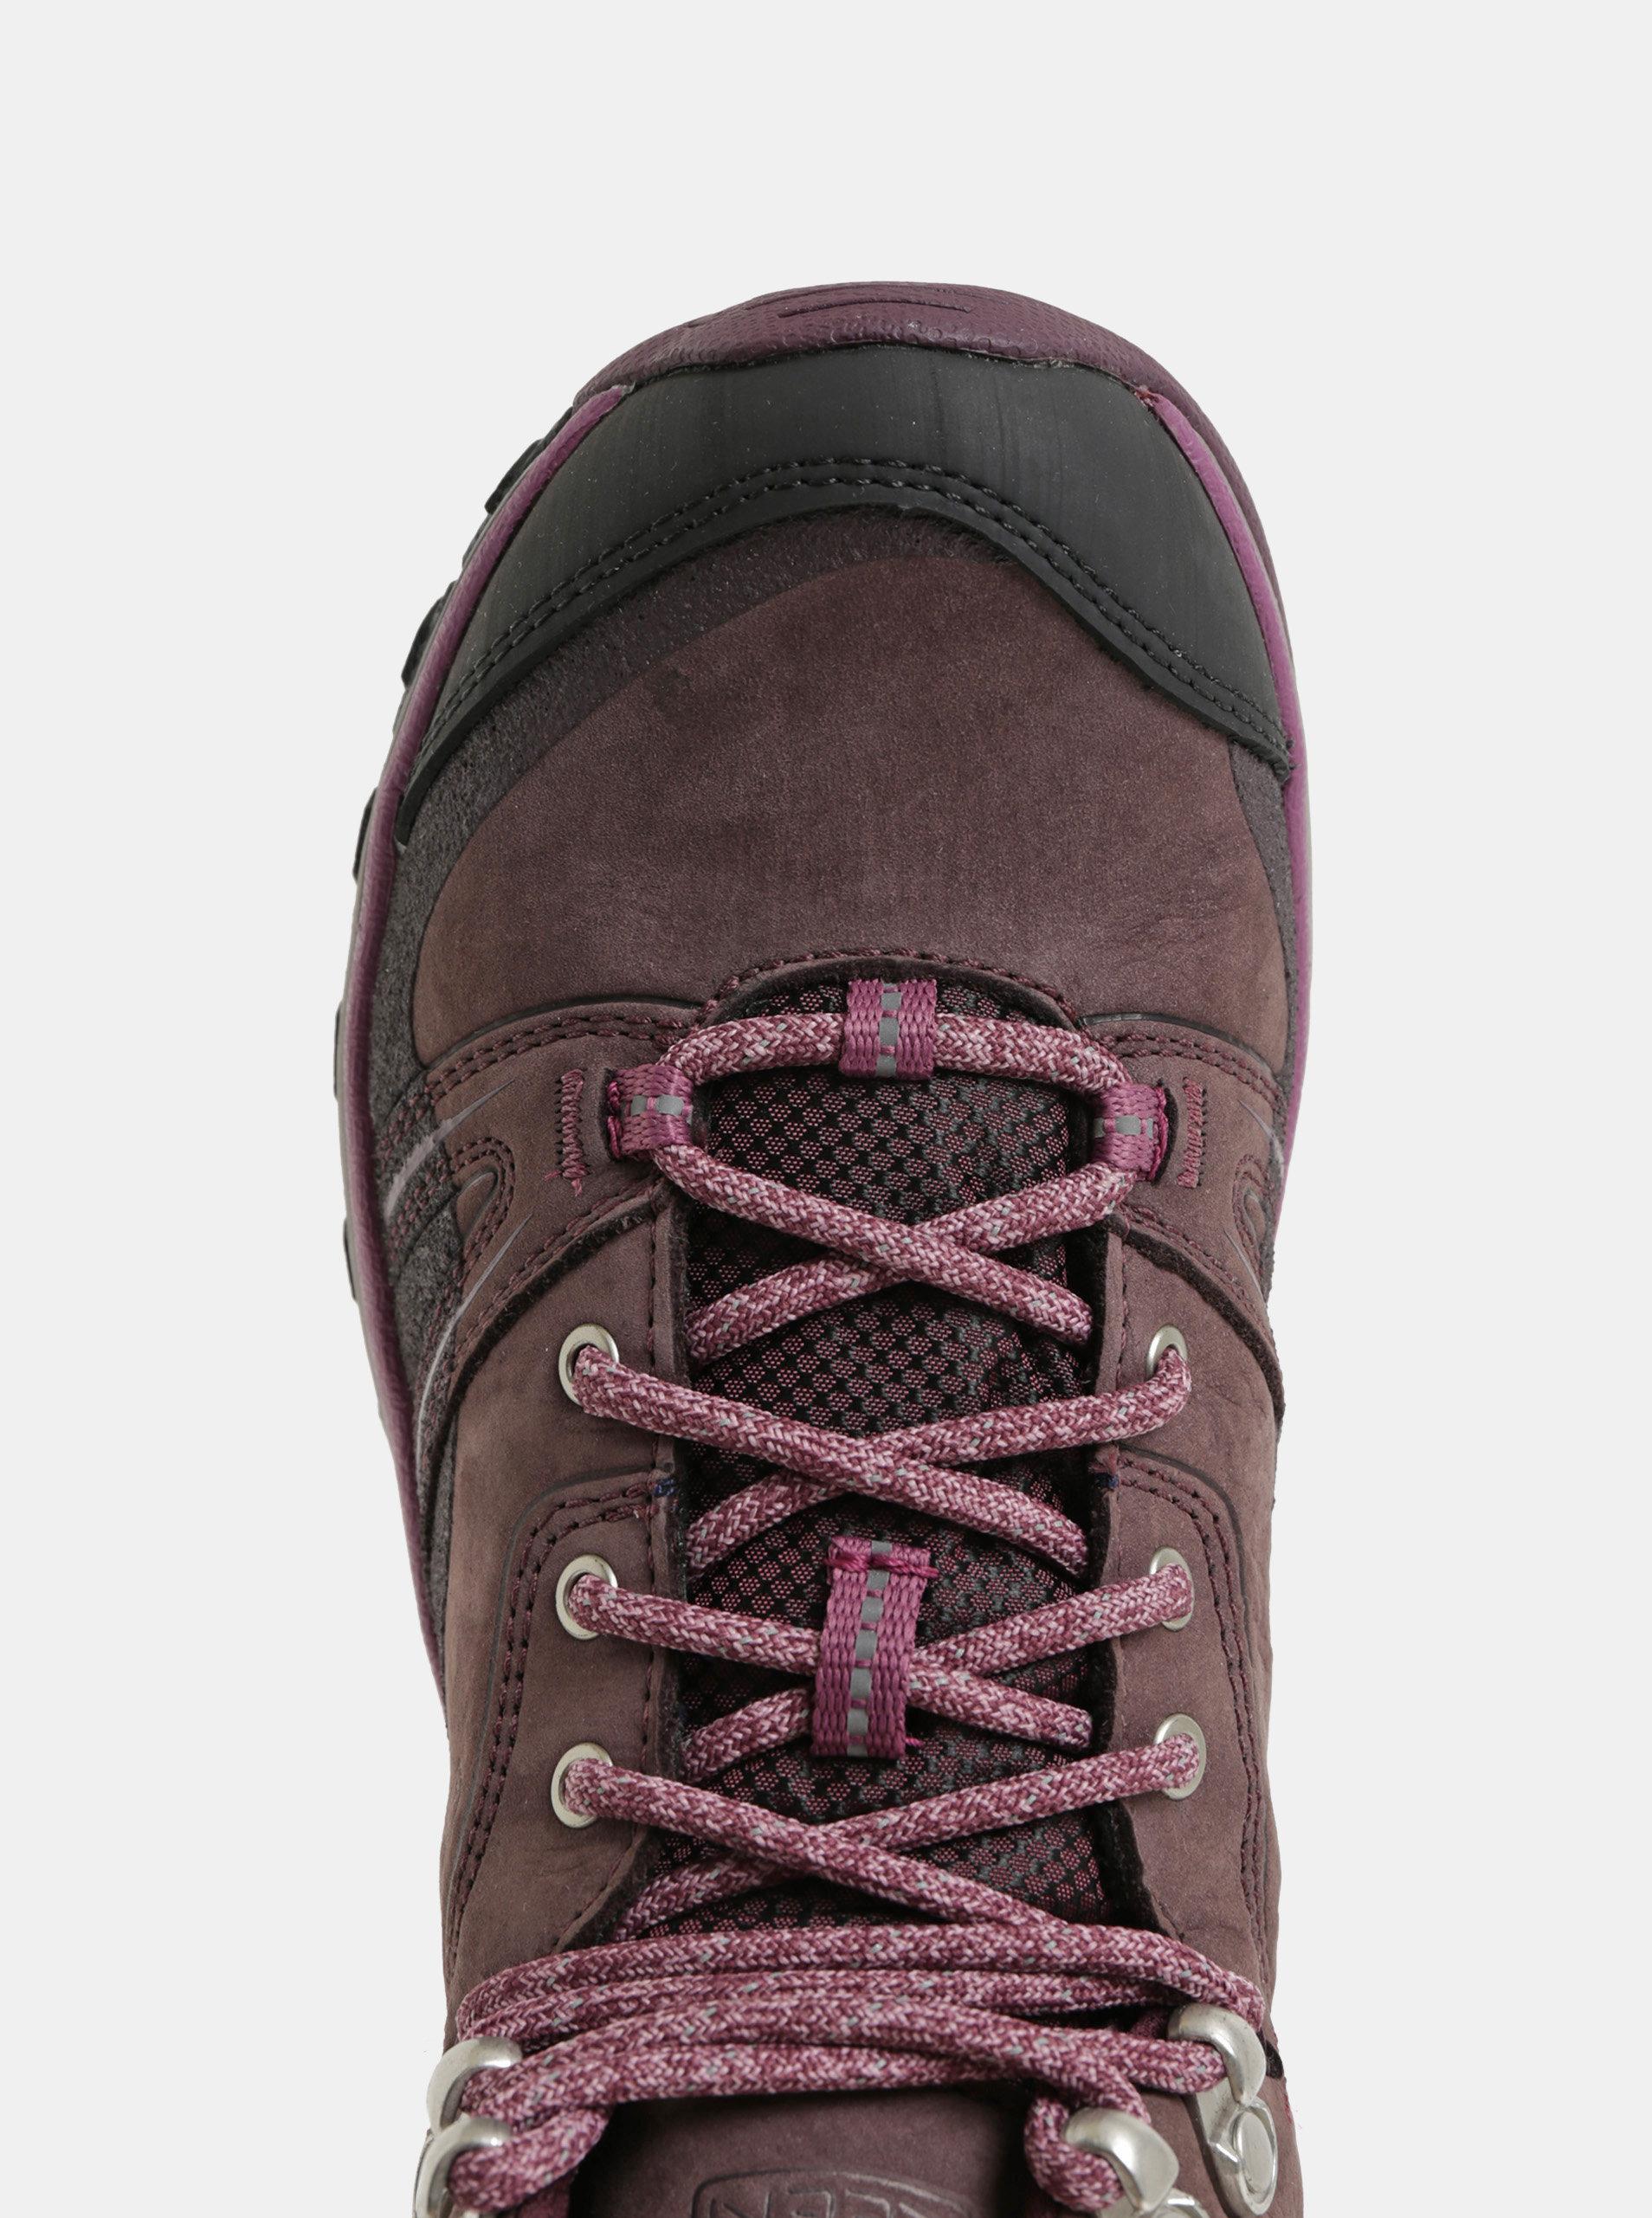 Fialové dámské kožené voděodolné kotníkové boty Keen Terradora ... 5efc5dedd7